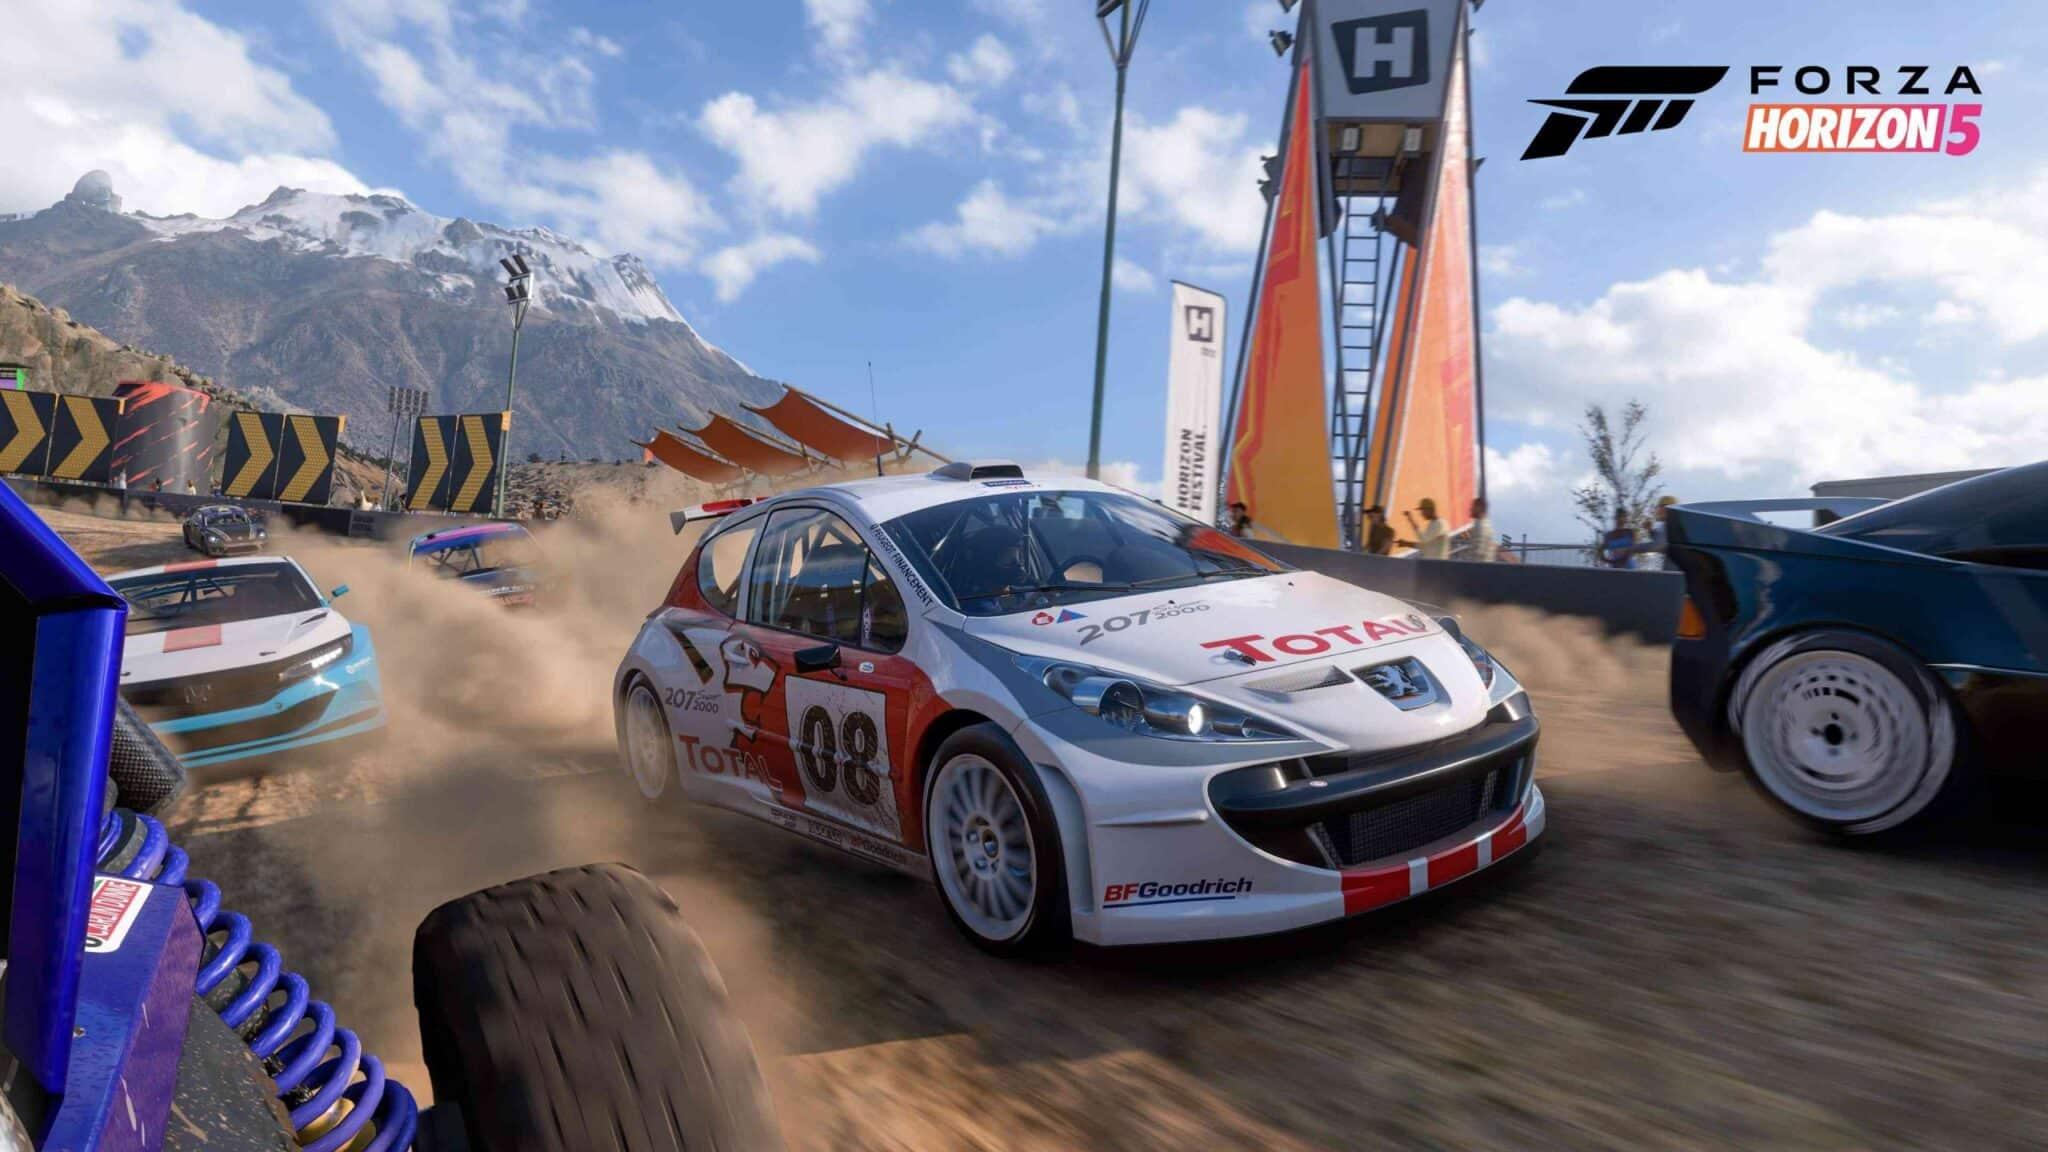 tamaño de descarga de Forza Horizon 5 en Xbox